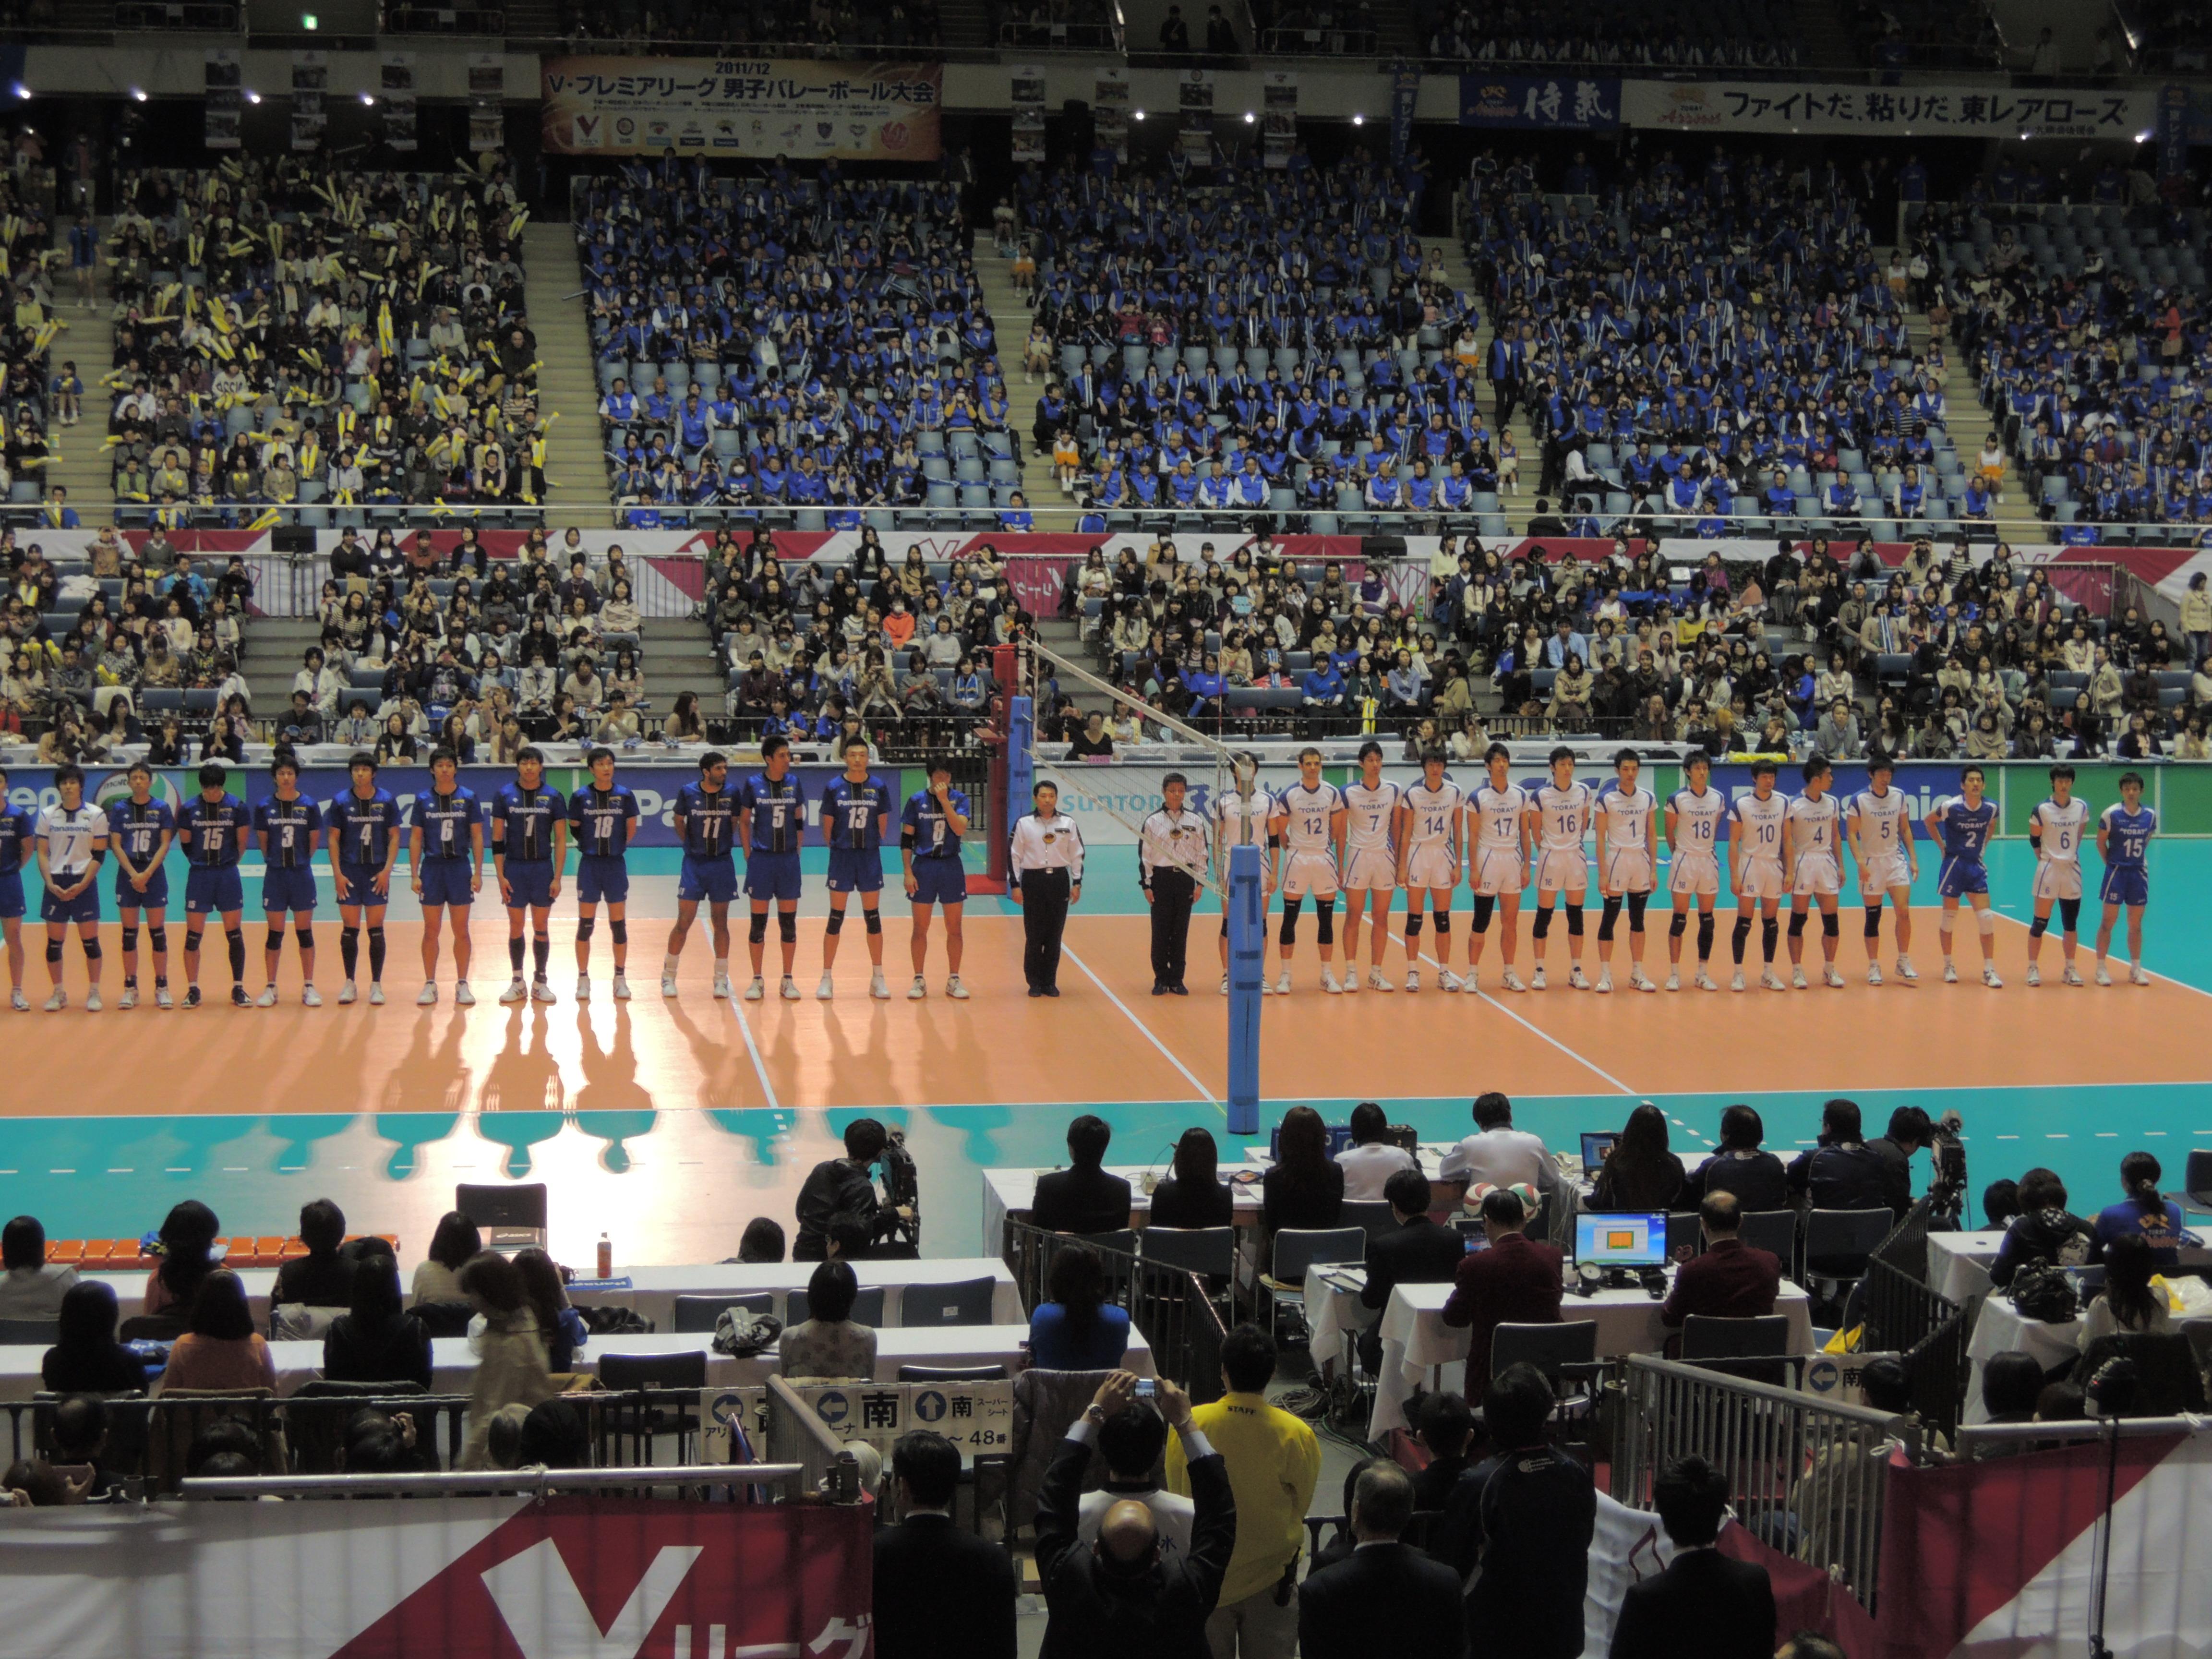 V・プレミアリーグ男子 2011/12 ...